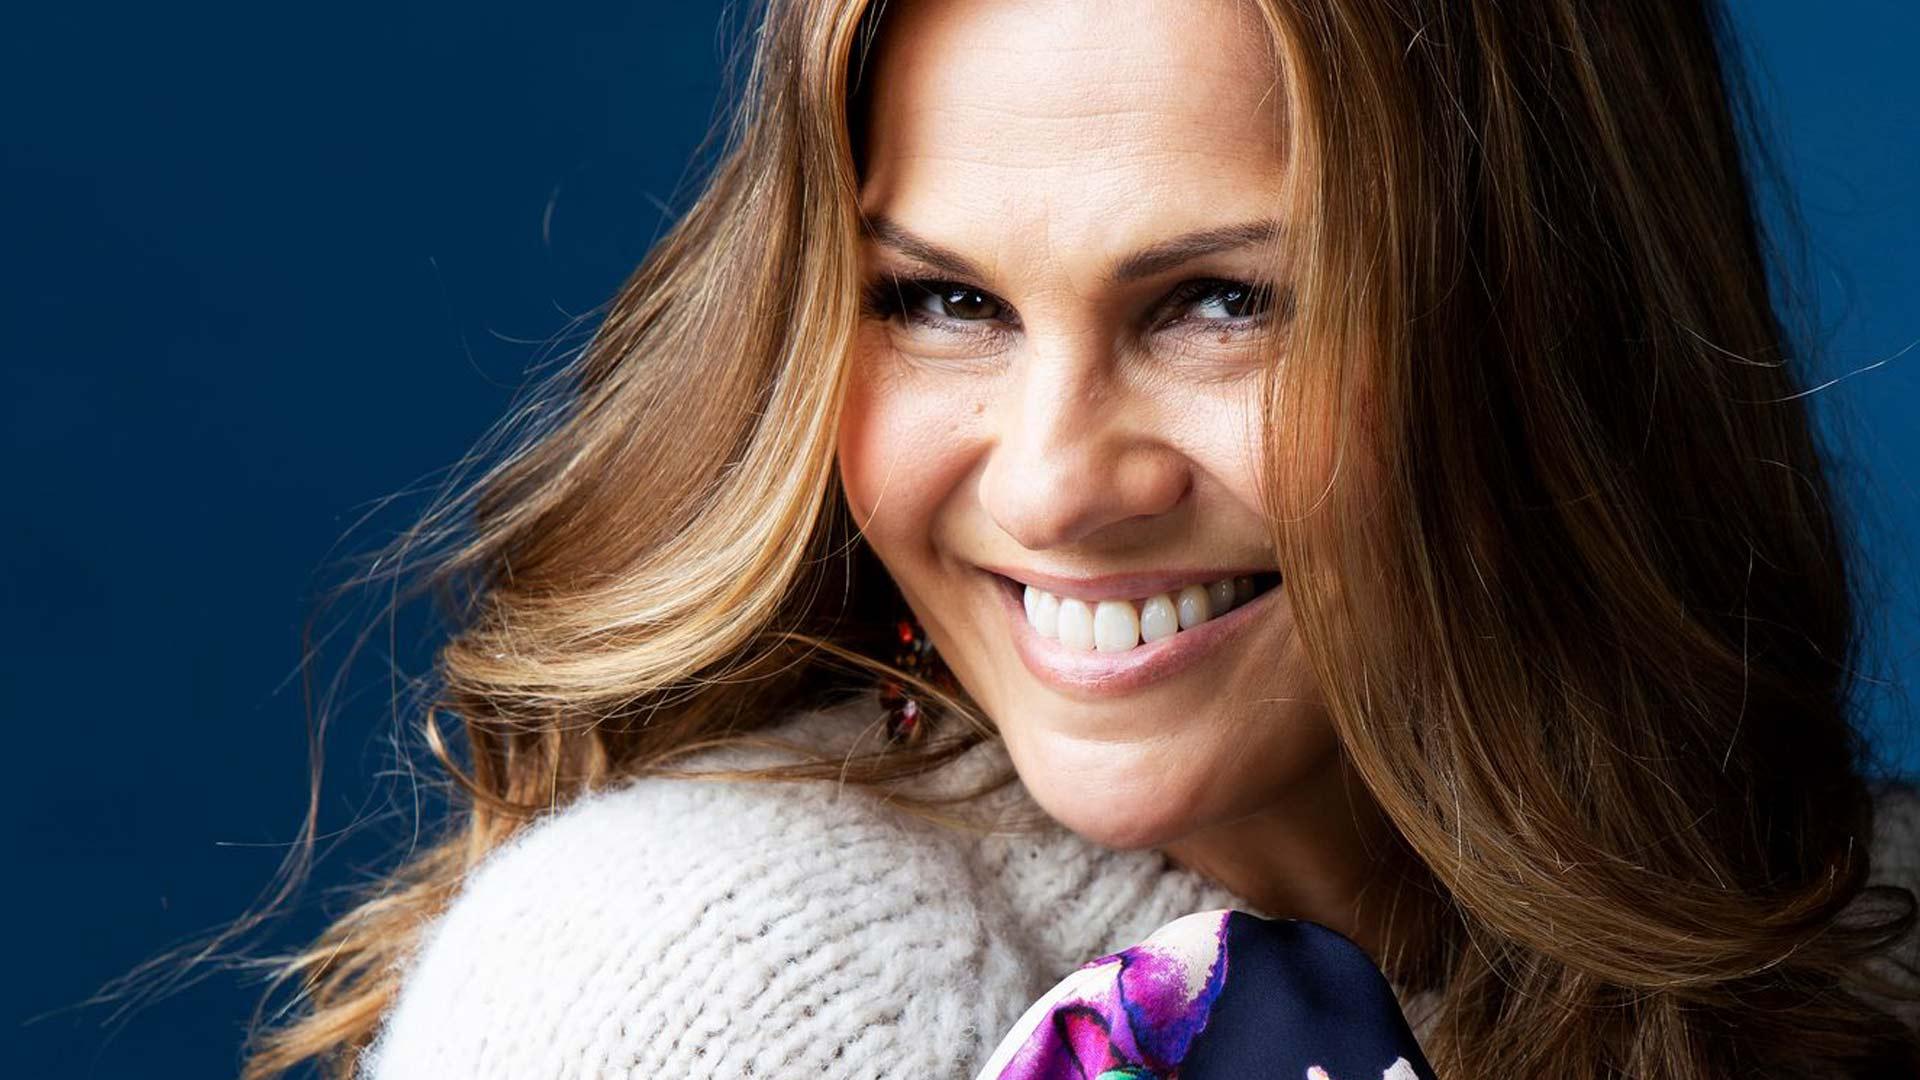 Janina Fry on mukana Tanssii tähtien kanssa -ohjelmassa, ja kiireisen yrittäjäarjen lisäksi perhe rakennuttaa omakotitaloa Espooseen.